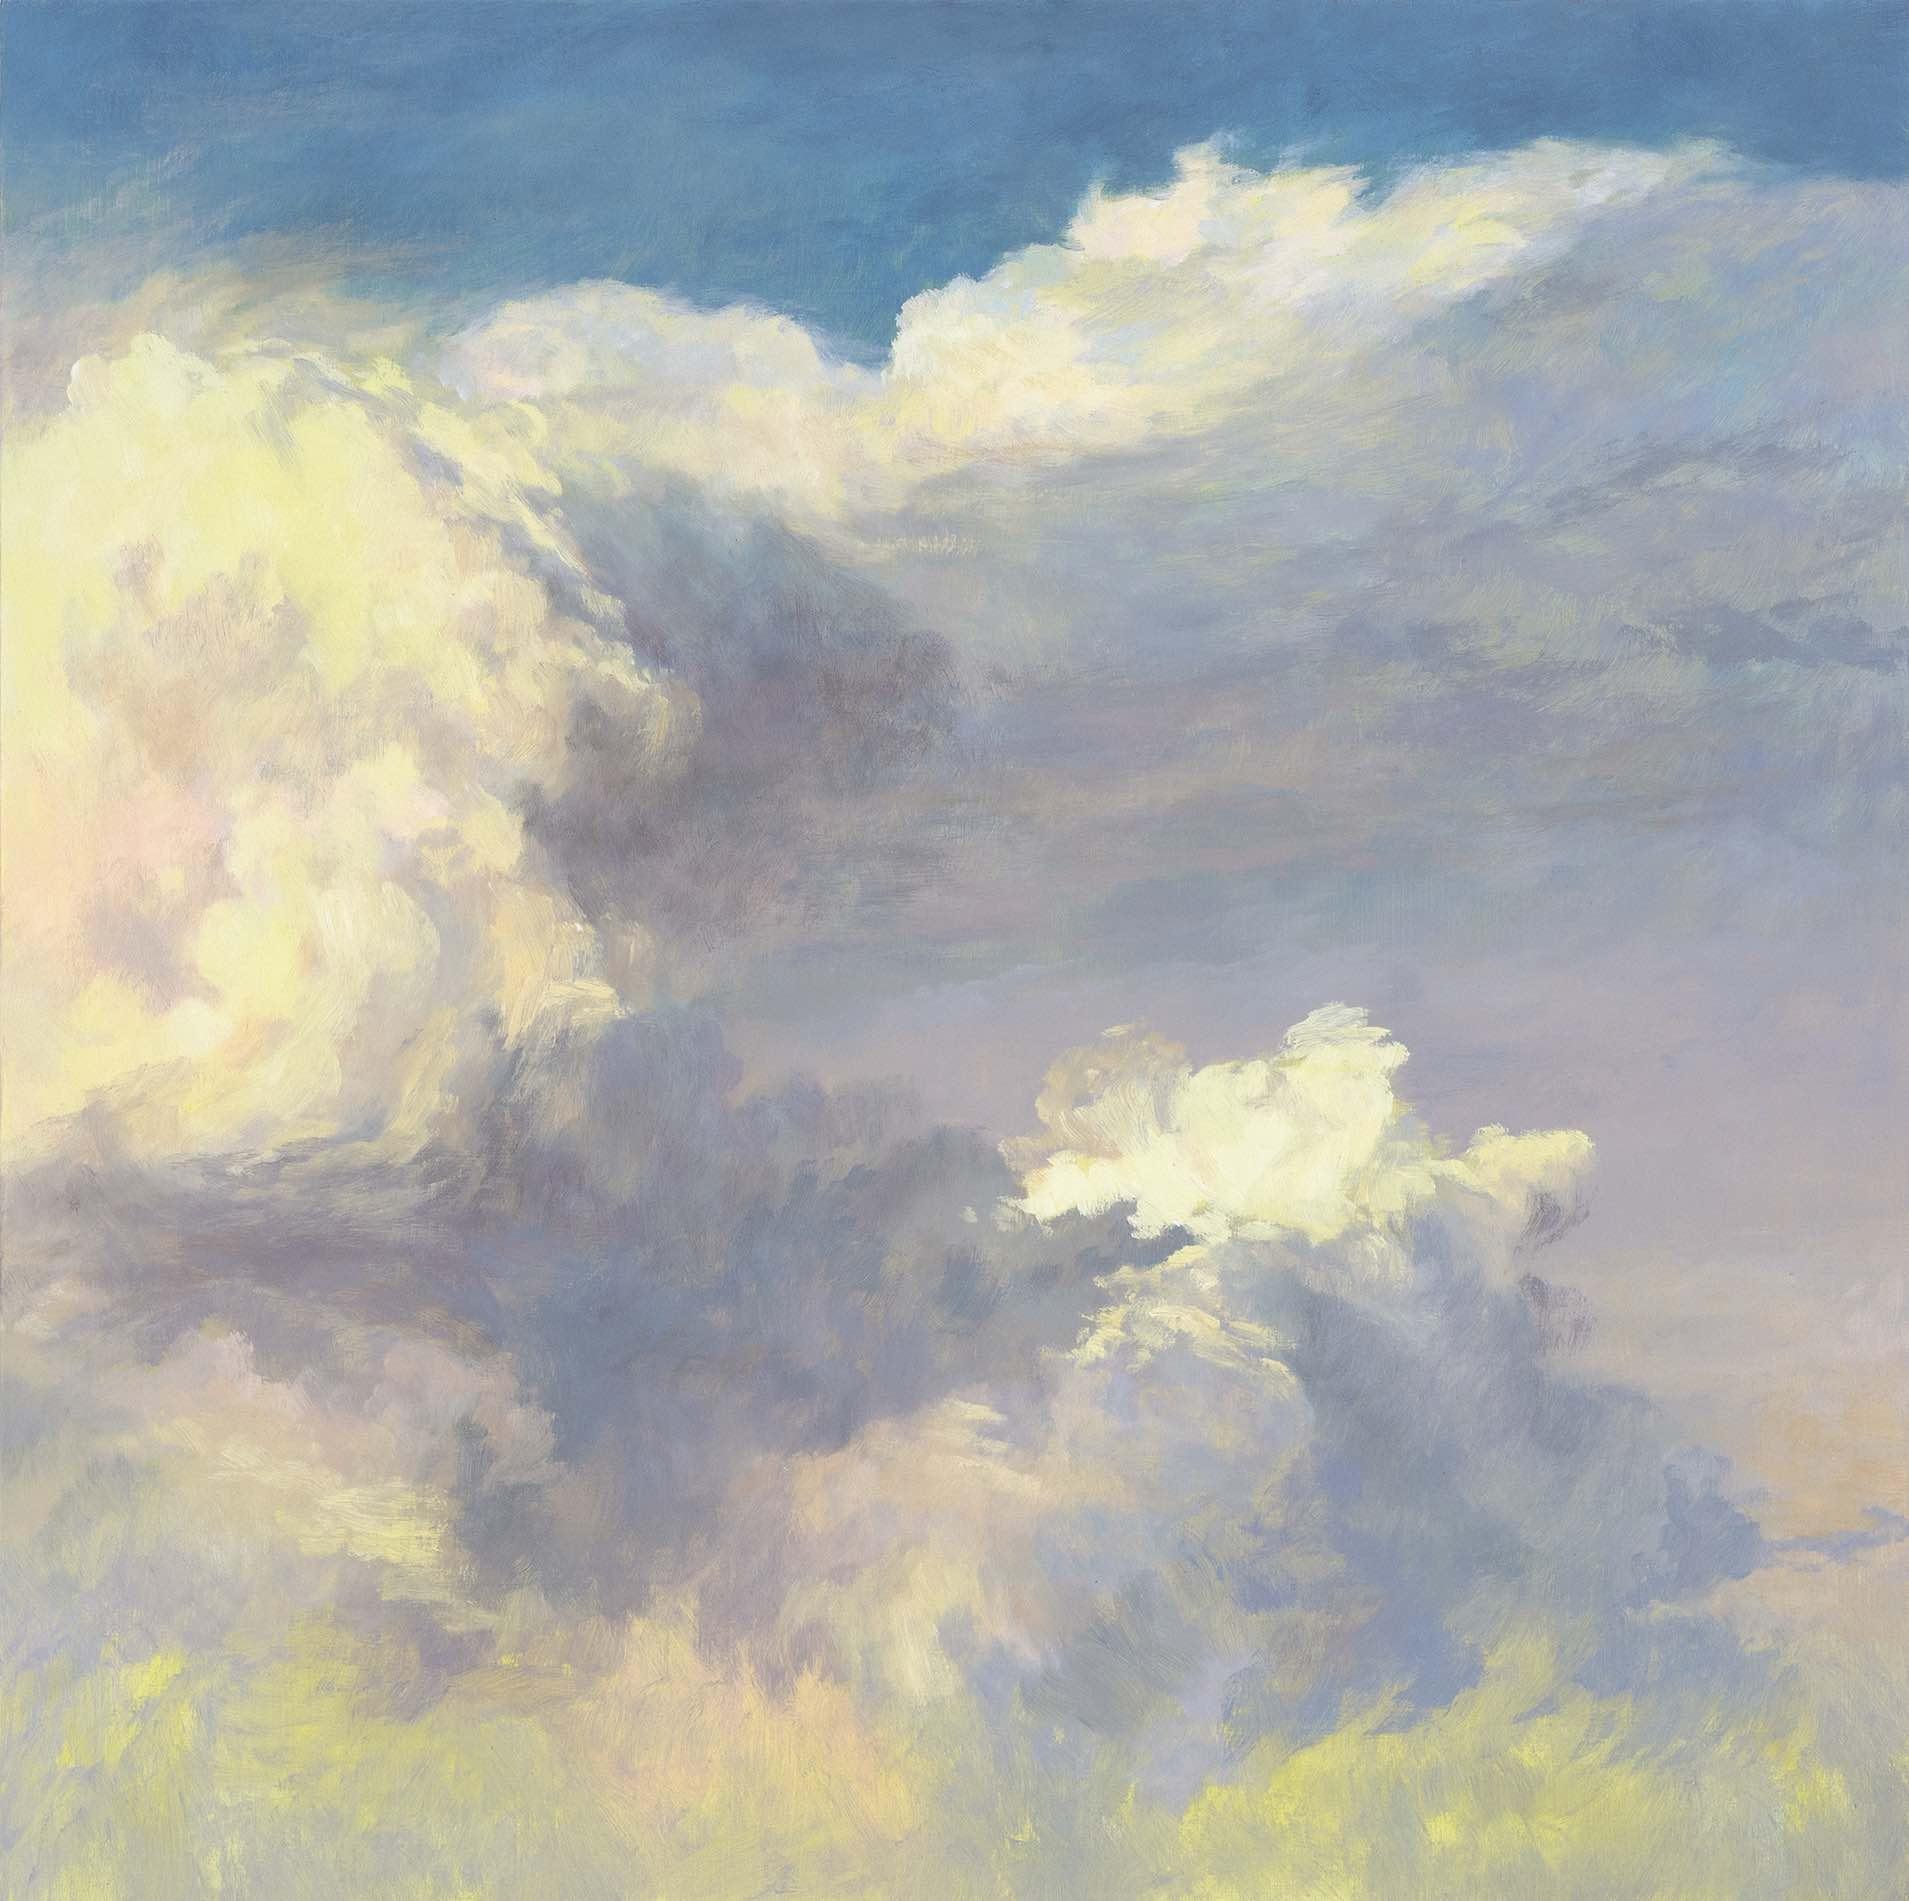 Winter Wind, Oil on board, 60 x 60cm, Sold